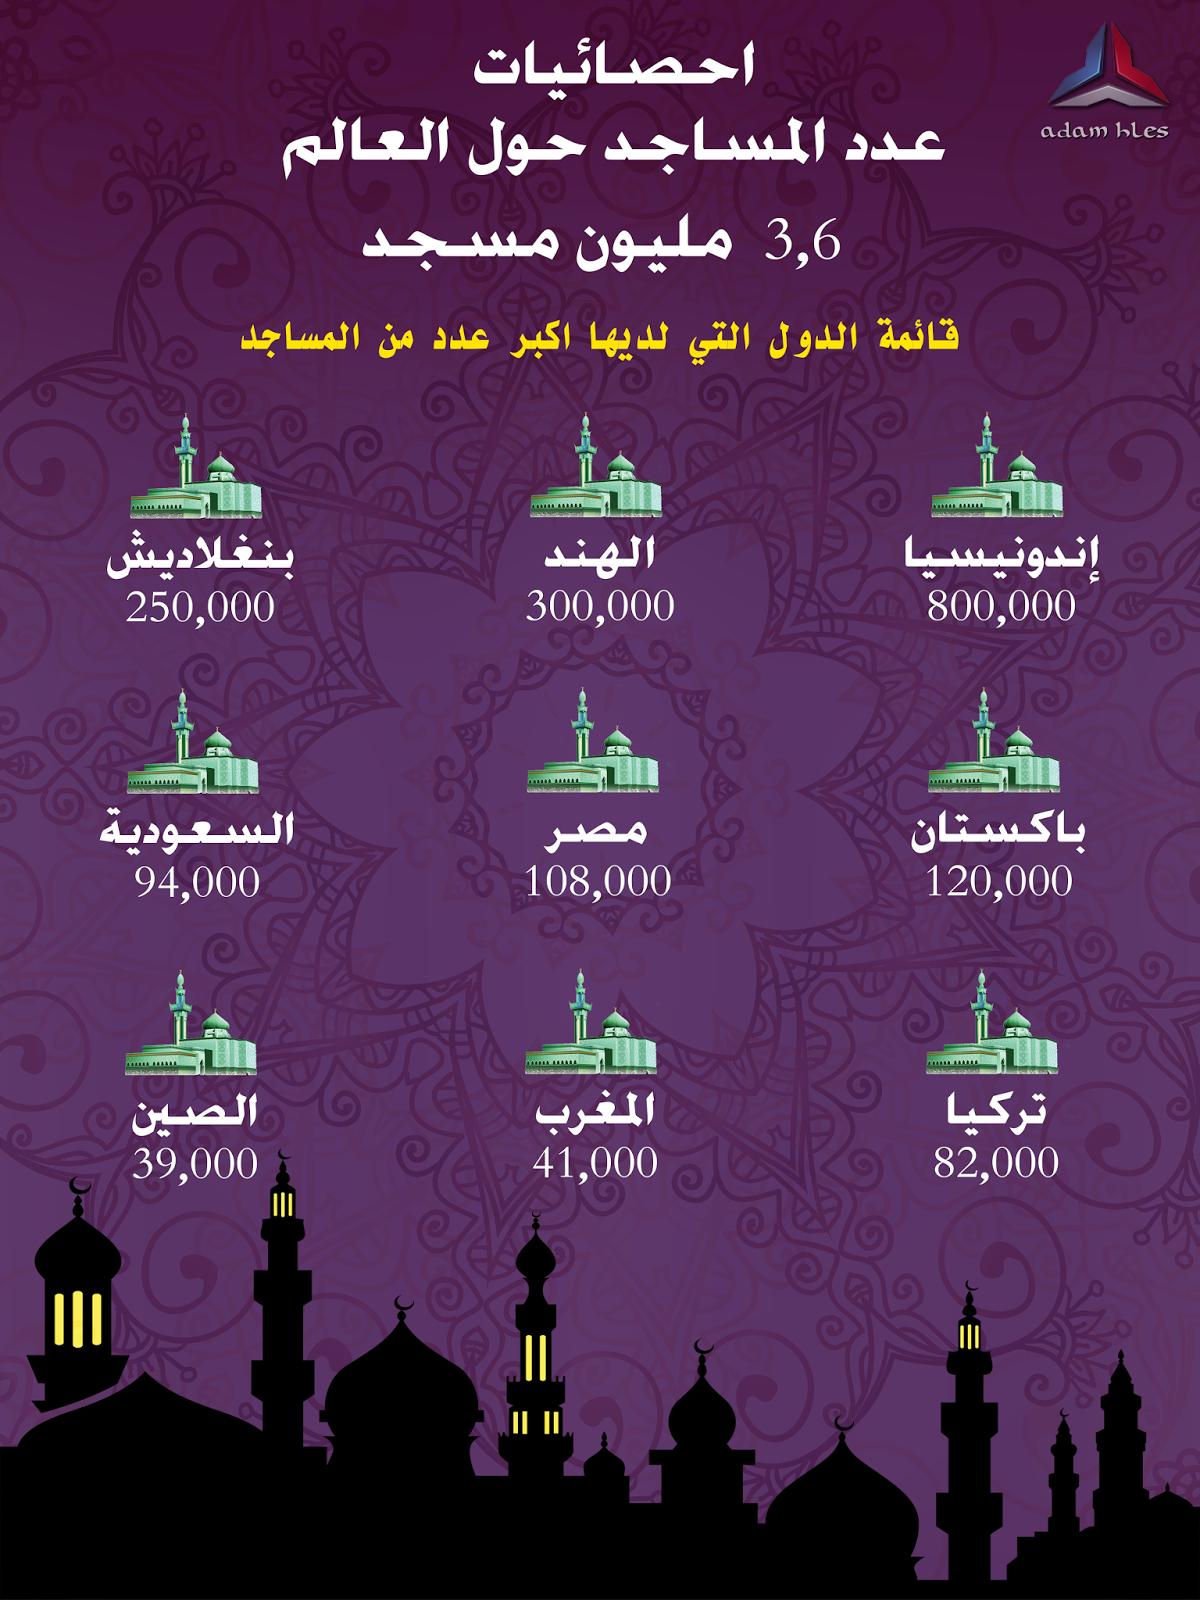 المساجد العالم bntpal.com_146939632